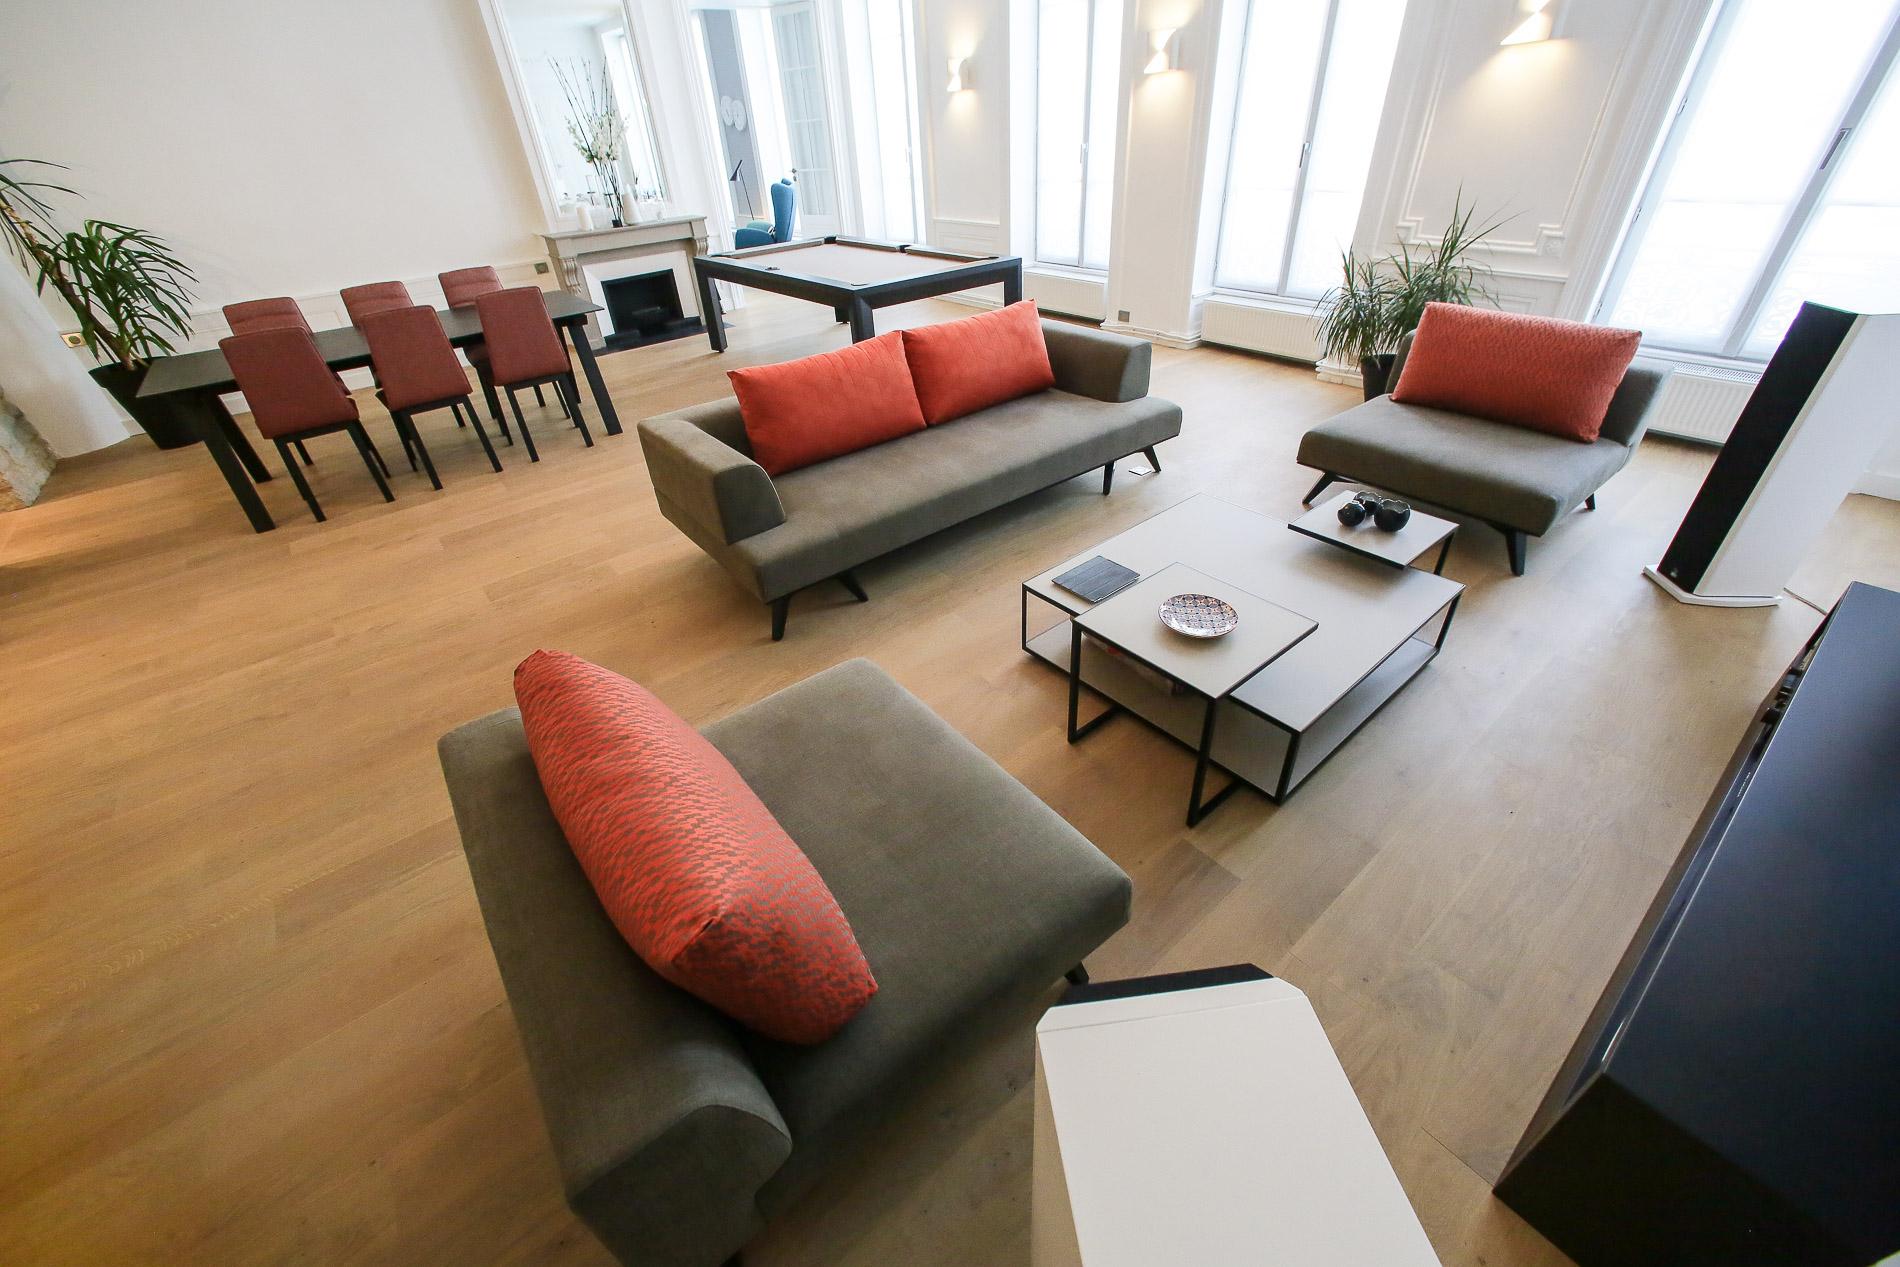 d 233 coratrice d int 233 rieurs appartement lyon 2 d 233 coration salle 224 manger salon design canap 233